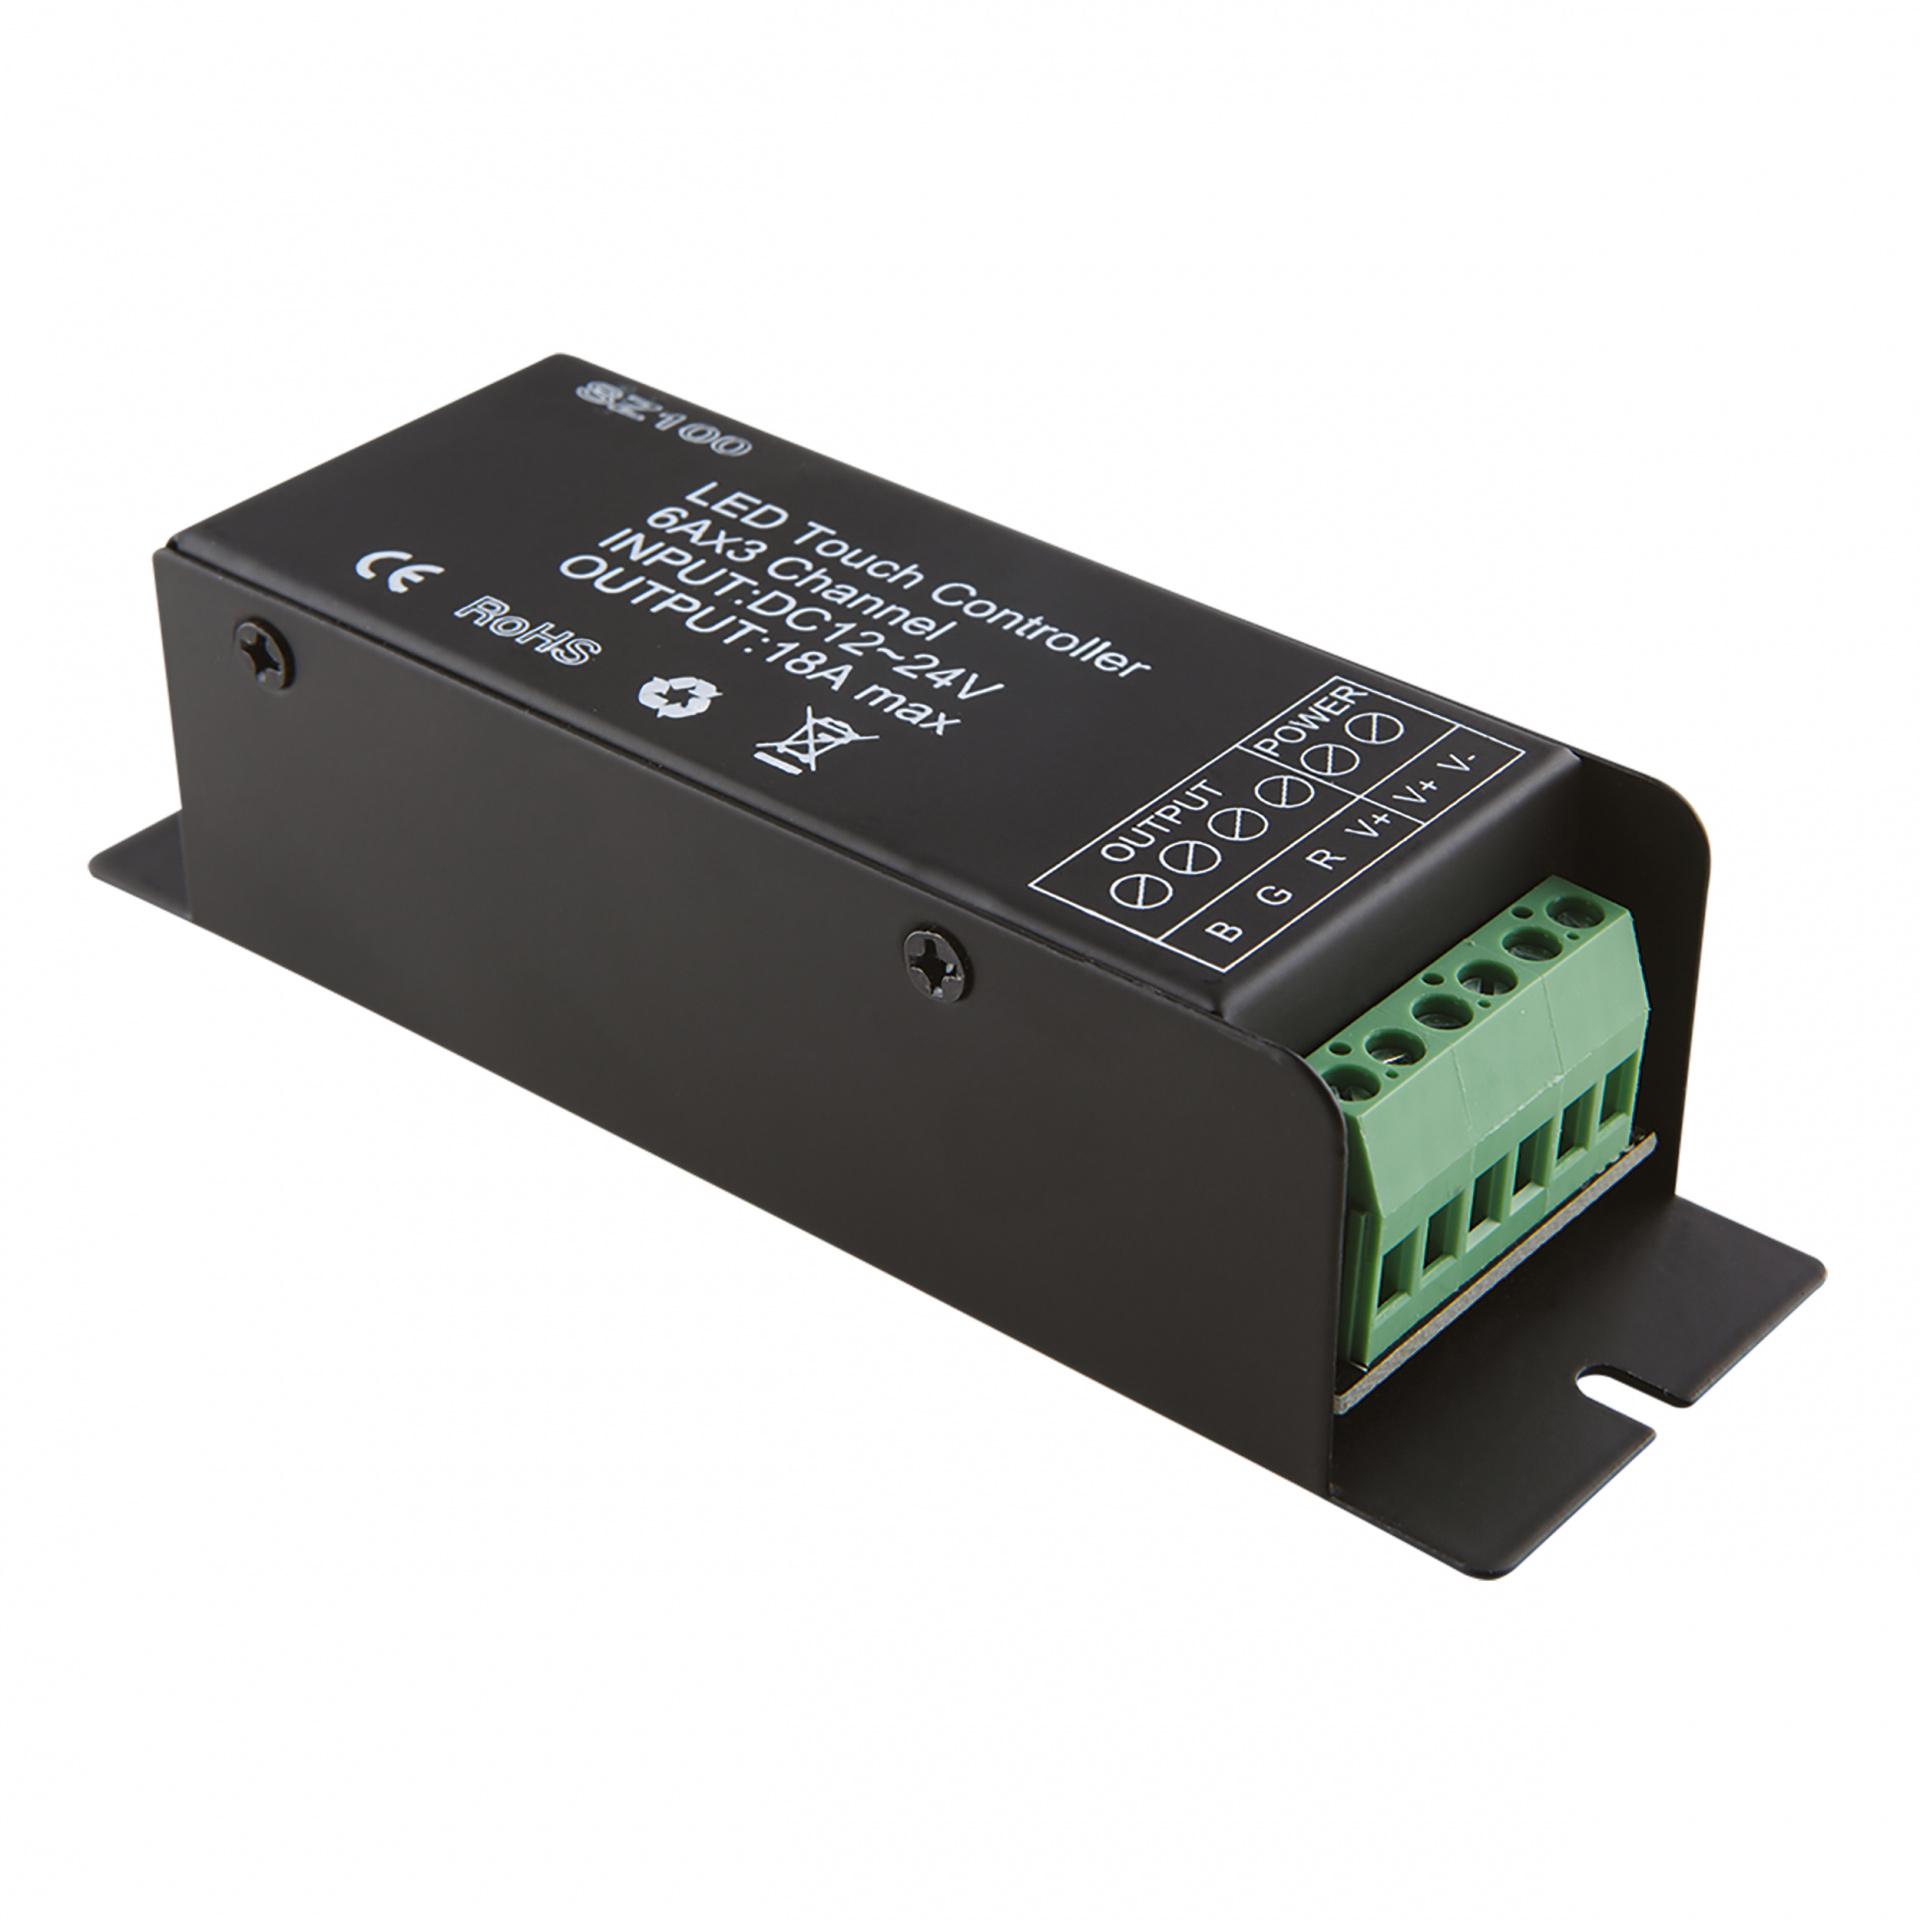 Контроллер RC LED RGB 12V/24V max 6A*3CH Lightstar 410806, купить в СПб, Москве, с доставкой, Санкт-Петербург, интернет-магазин люстр и светильников Starlight, фото в жизни